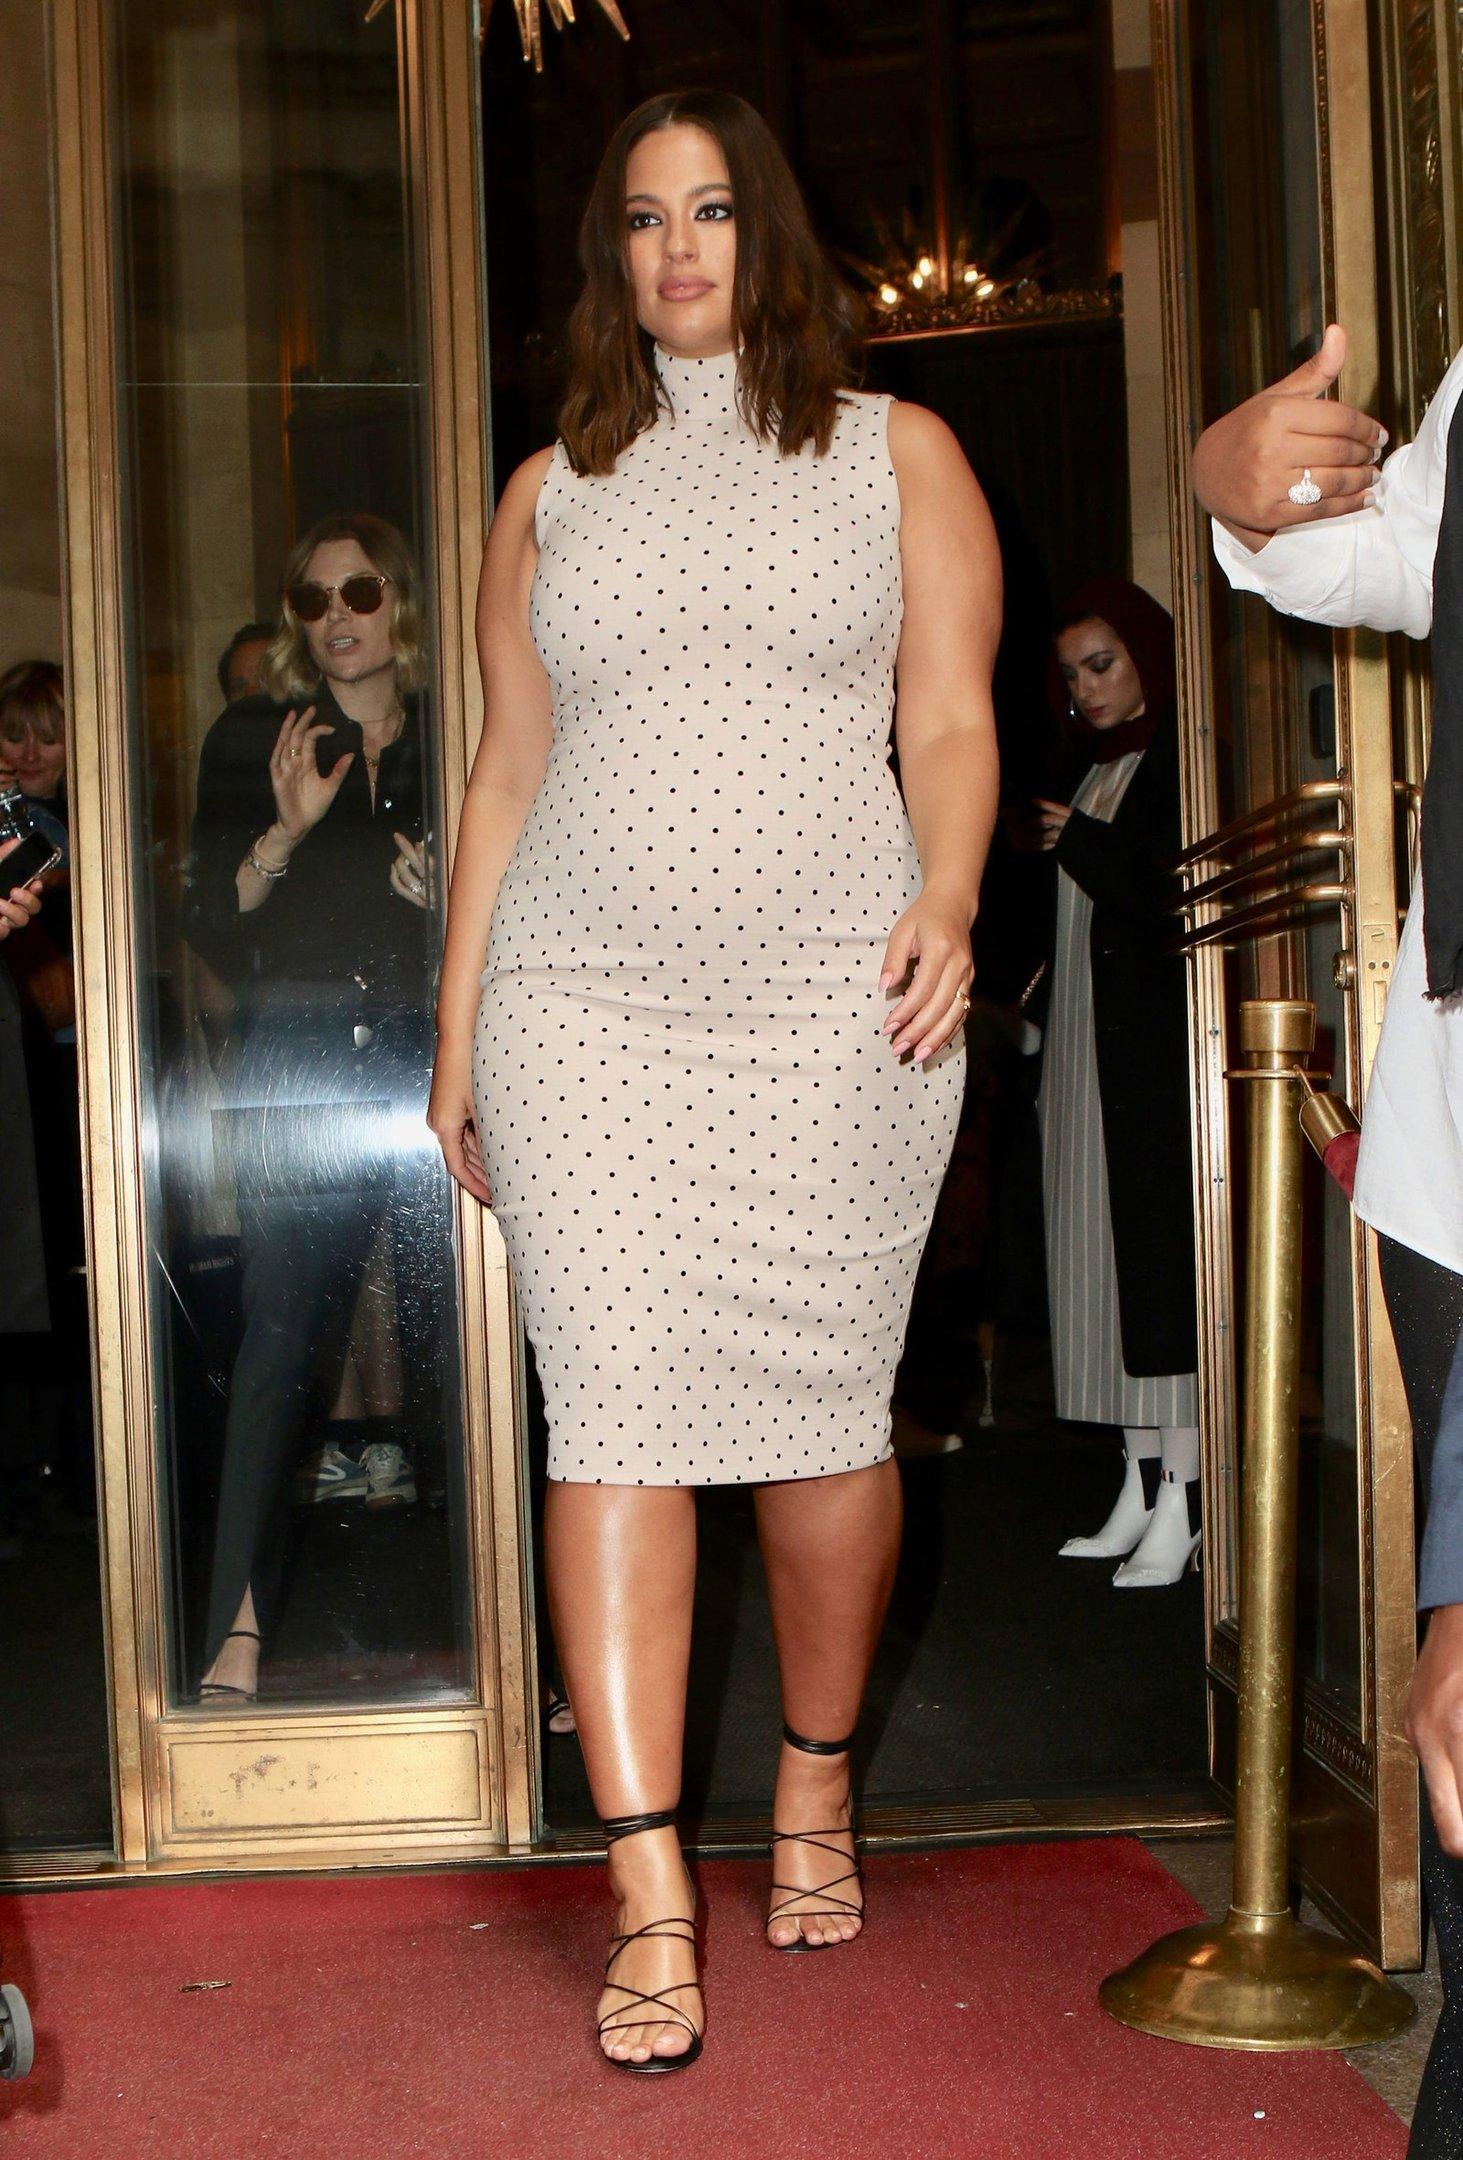 Ashley Graham - Vestido poá - Gravidez - Primavera - Street Style